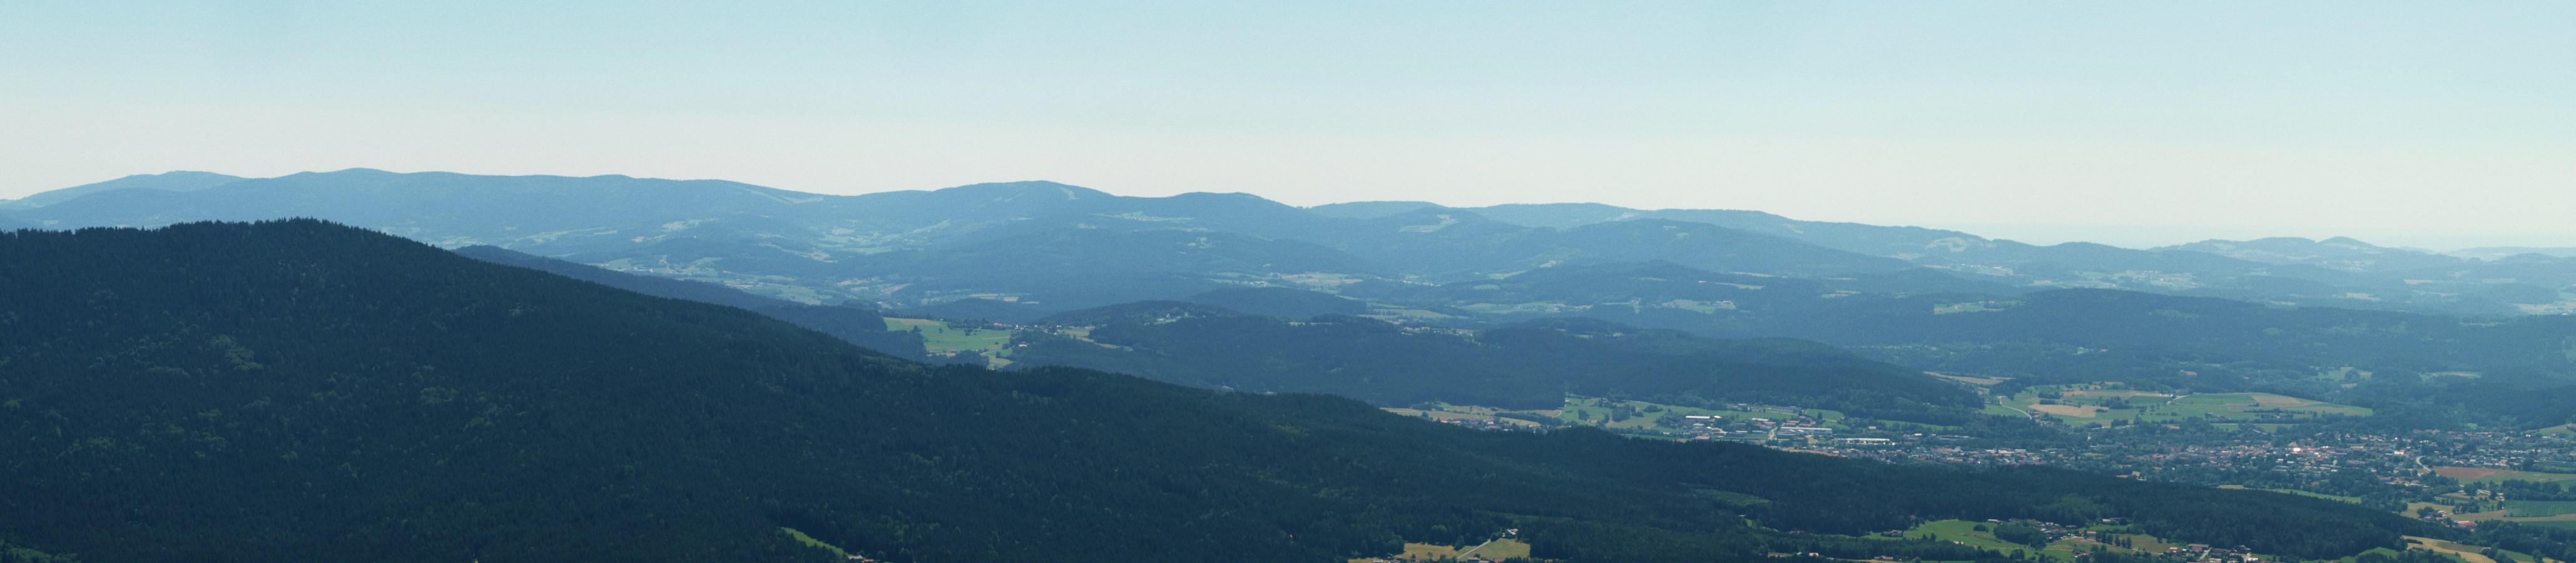 https://www.bayerwaldwandern.de/2019/pano_englmar.jpg